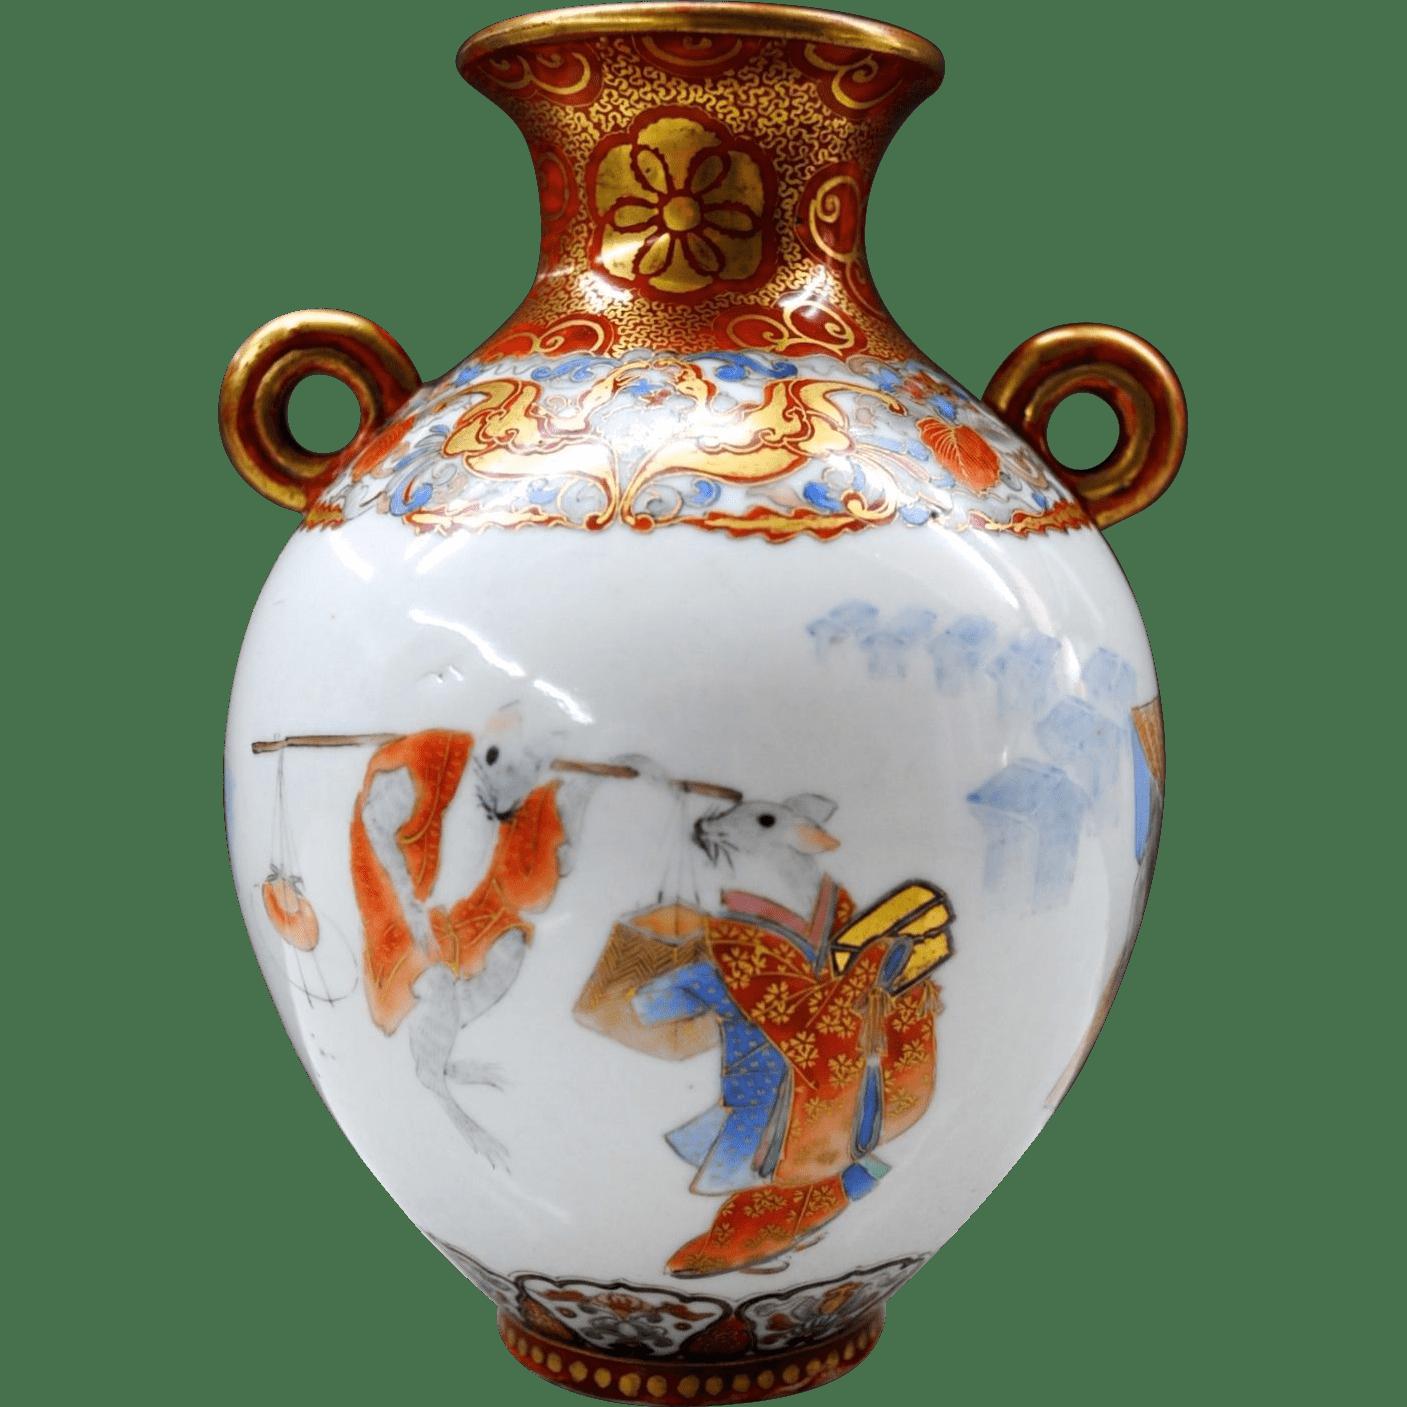 Vase png images free download for Decoration de grand vase transparent